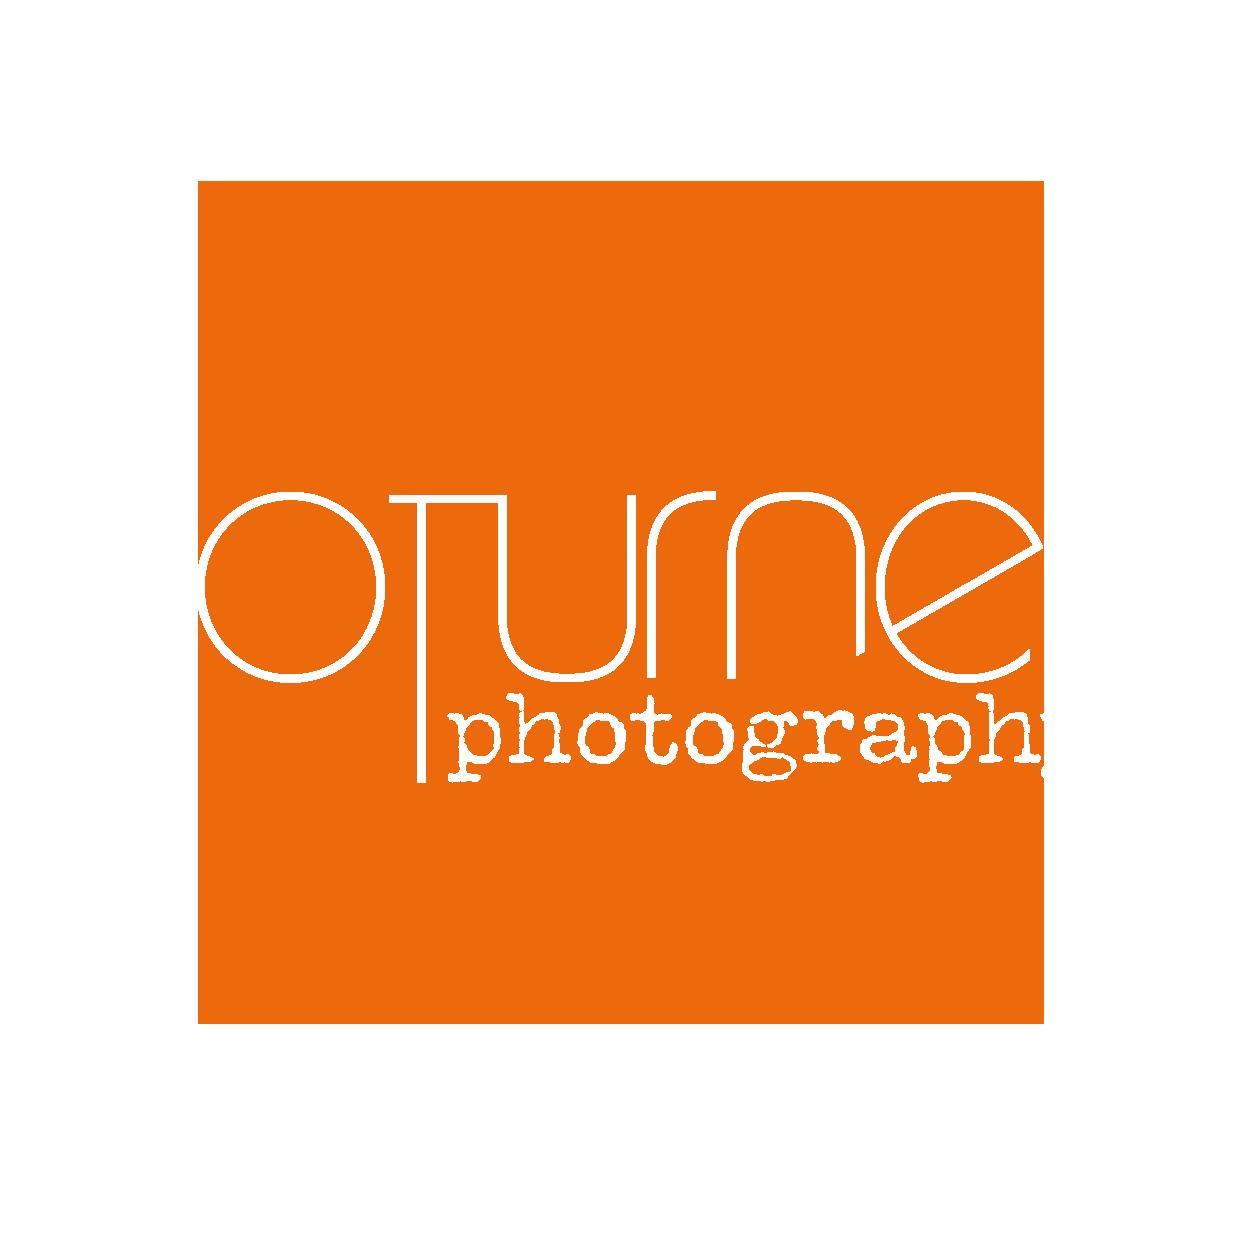 Jo Turner